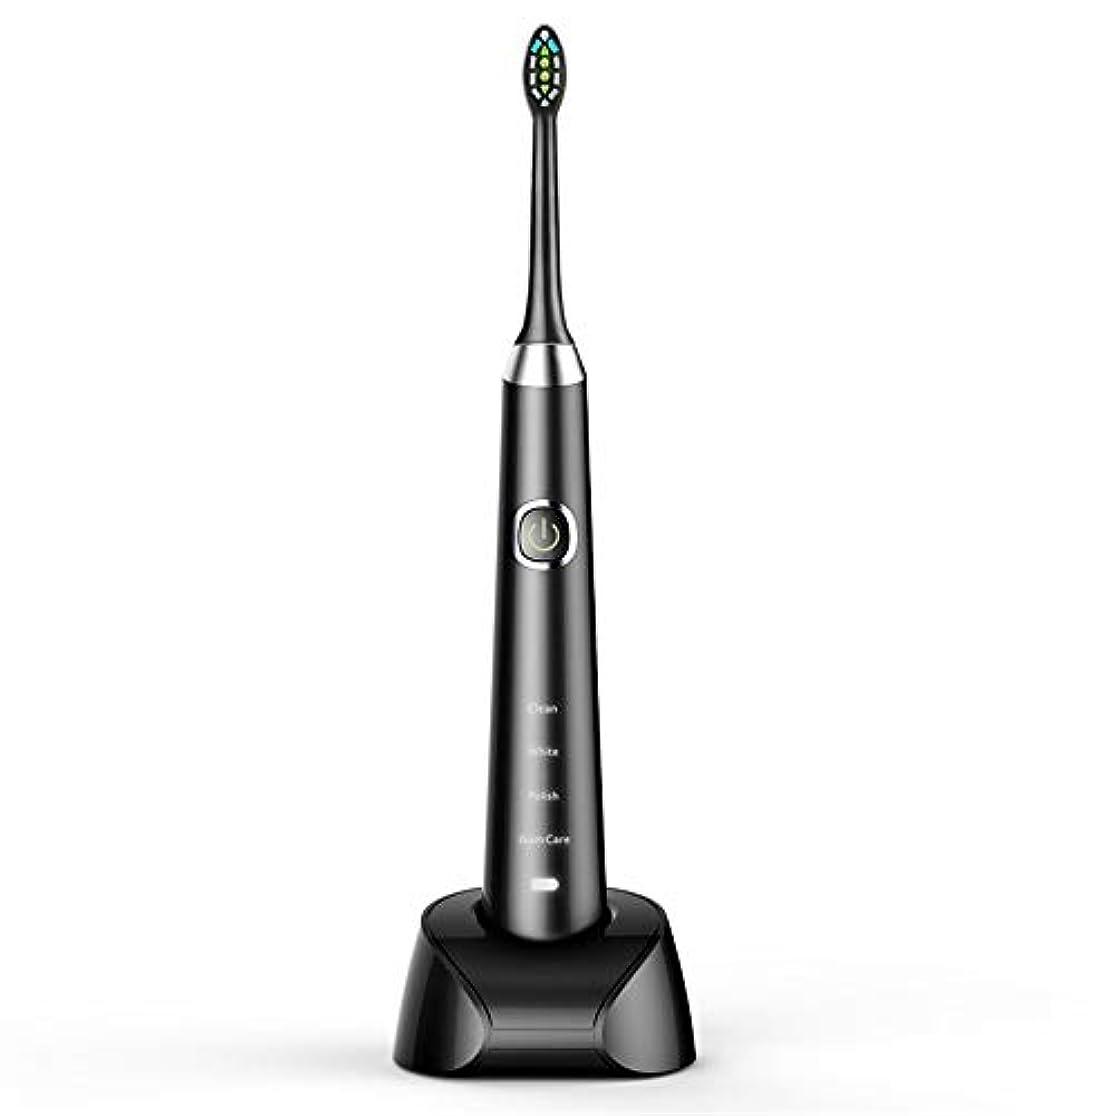 これら脈拍真っ逆さま電動歯ブラシ 日常の使用のためのUSBの充満基盤のホールダーの柔らかい毛のきれいな歯ブラシと防水電動歯ブラシ 大人と子供向け (色 : ブラック, サイズ : Free size)